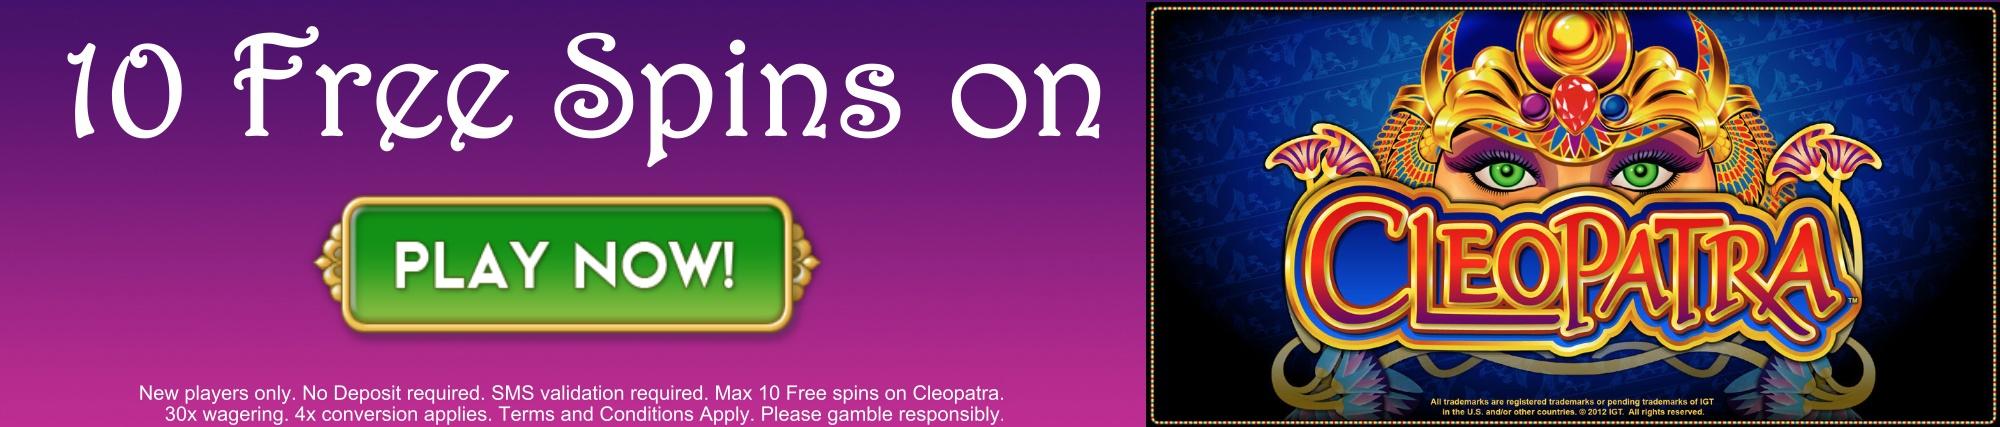 egypt-slots-offer